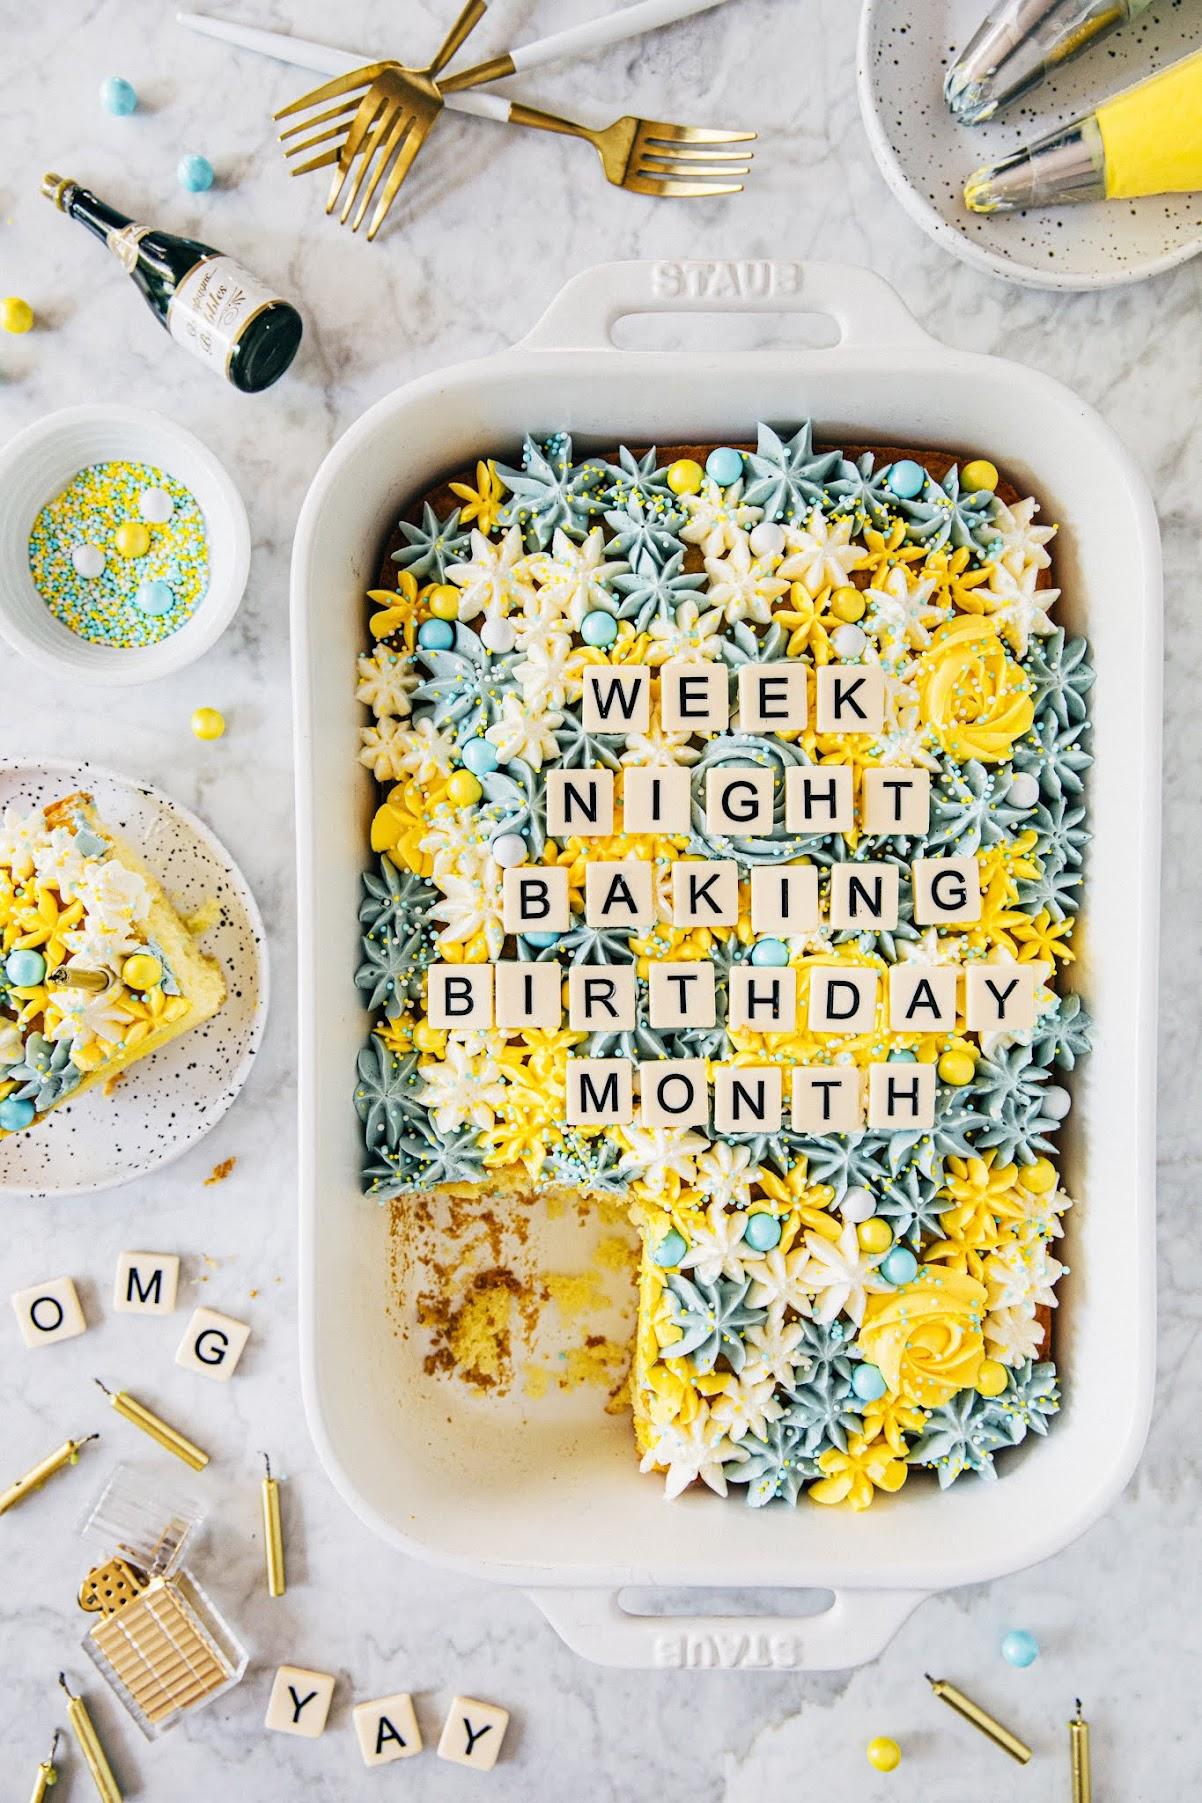 #weeknightbakingbook's birthday month